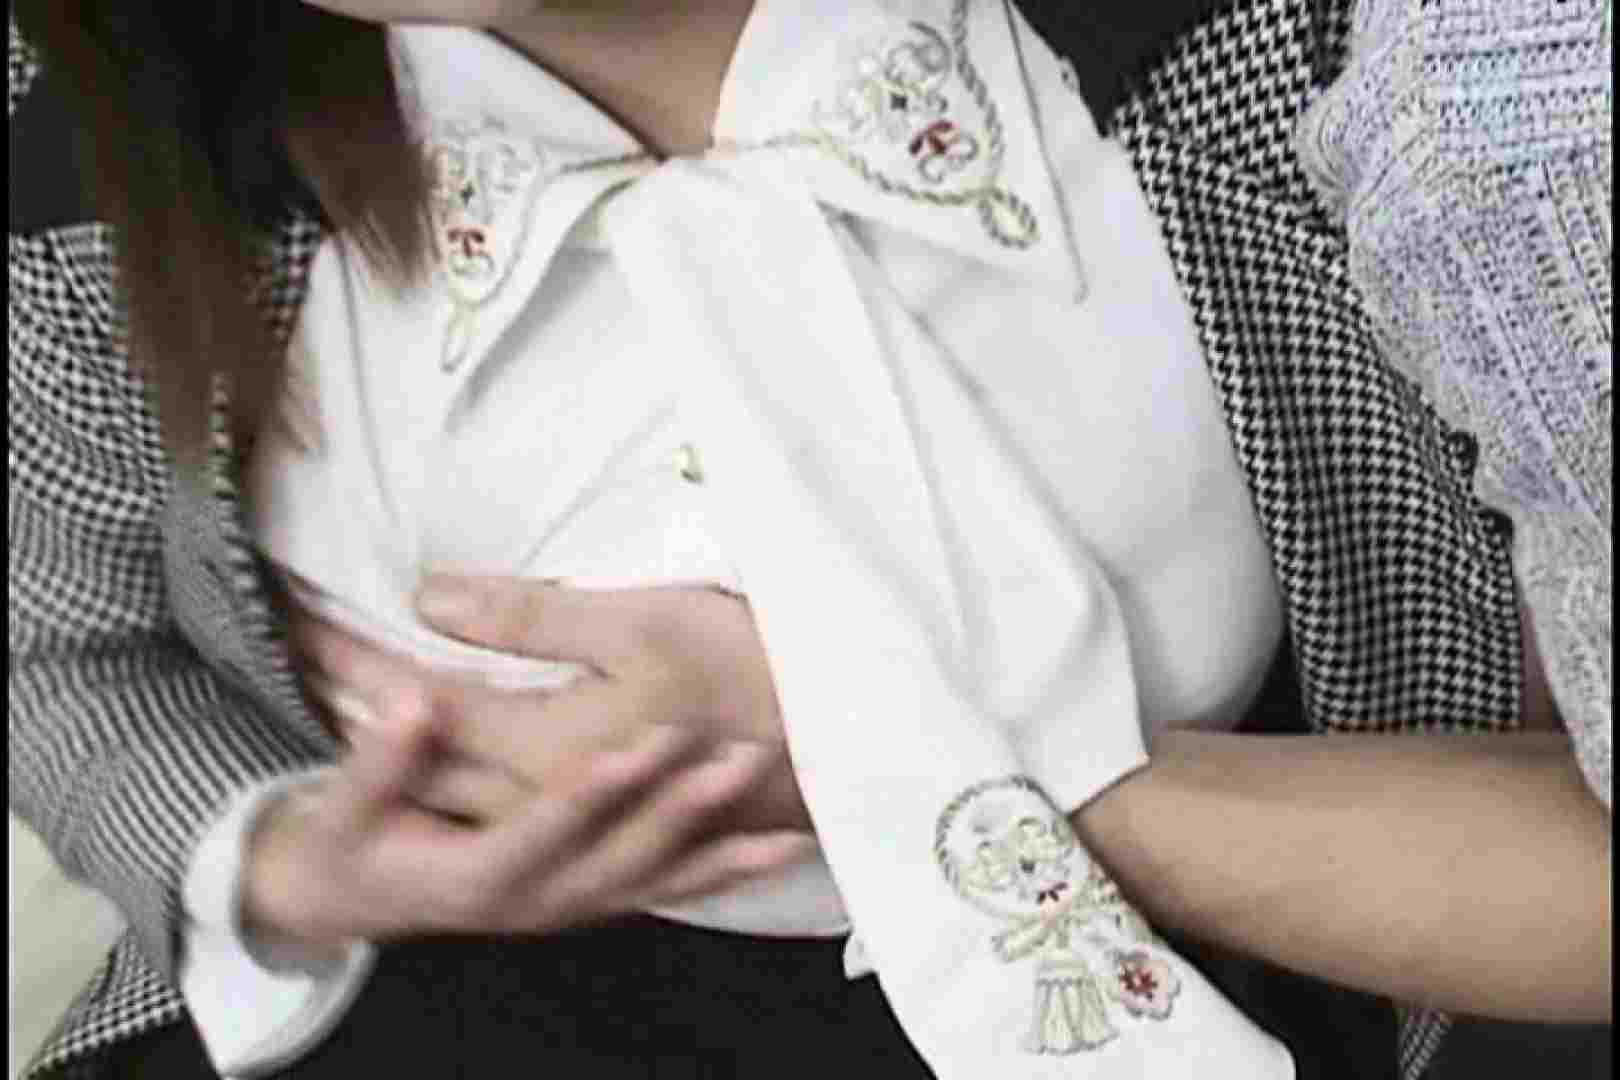 エロフェロモン全開の90センチ巨乳の淫乱人妻とSEX~篠崎麻美~ 淫乱 | 人妻  74画像 41